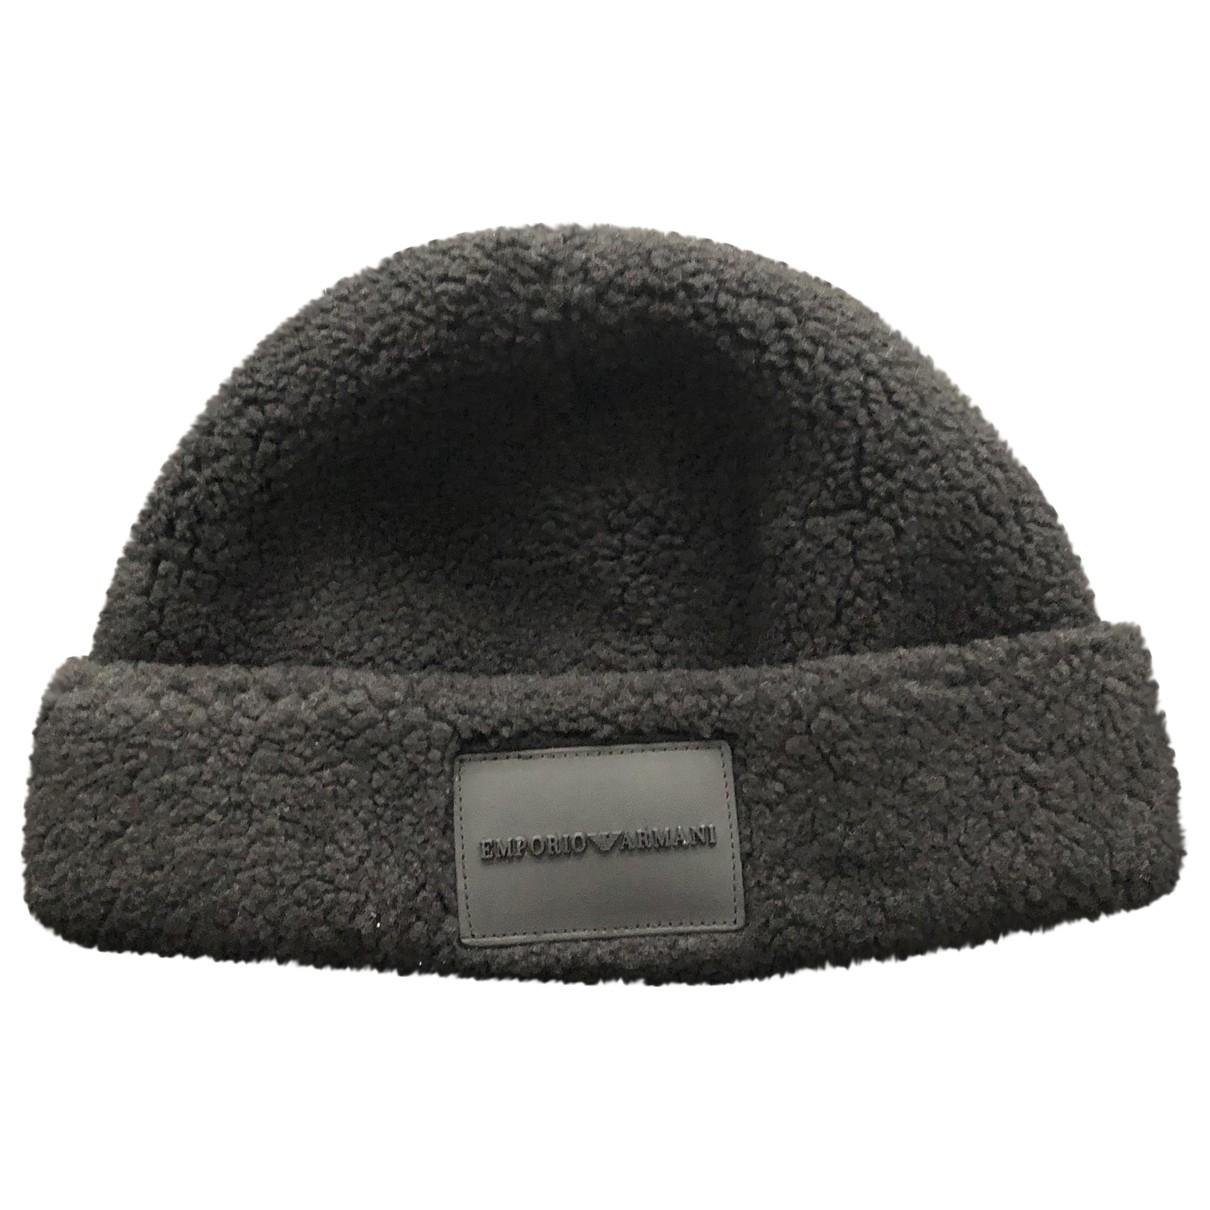 Emporio Armani - Chapeau & Bonnets   pour homme en laine - noir